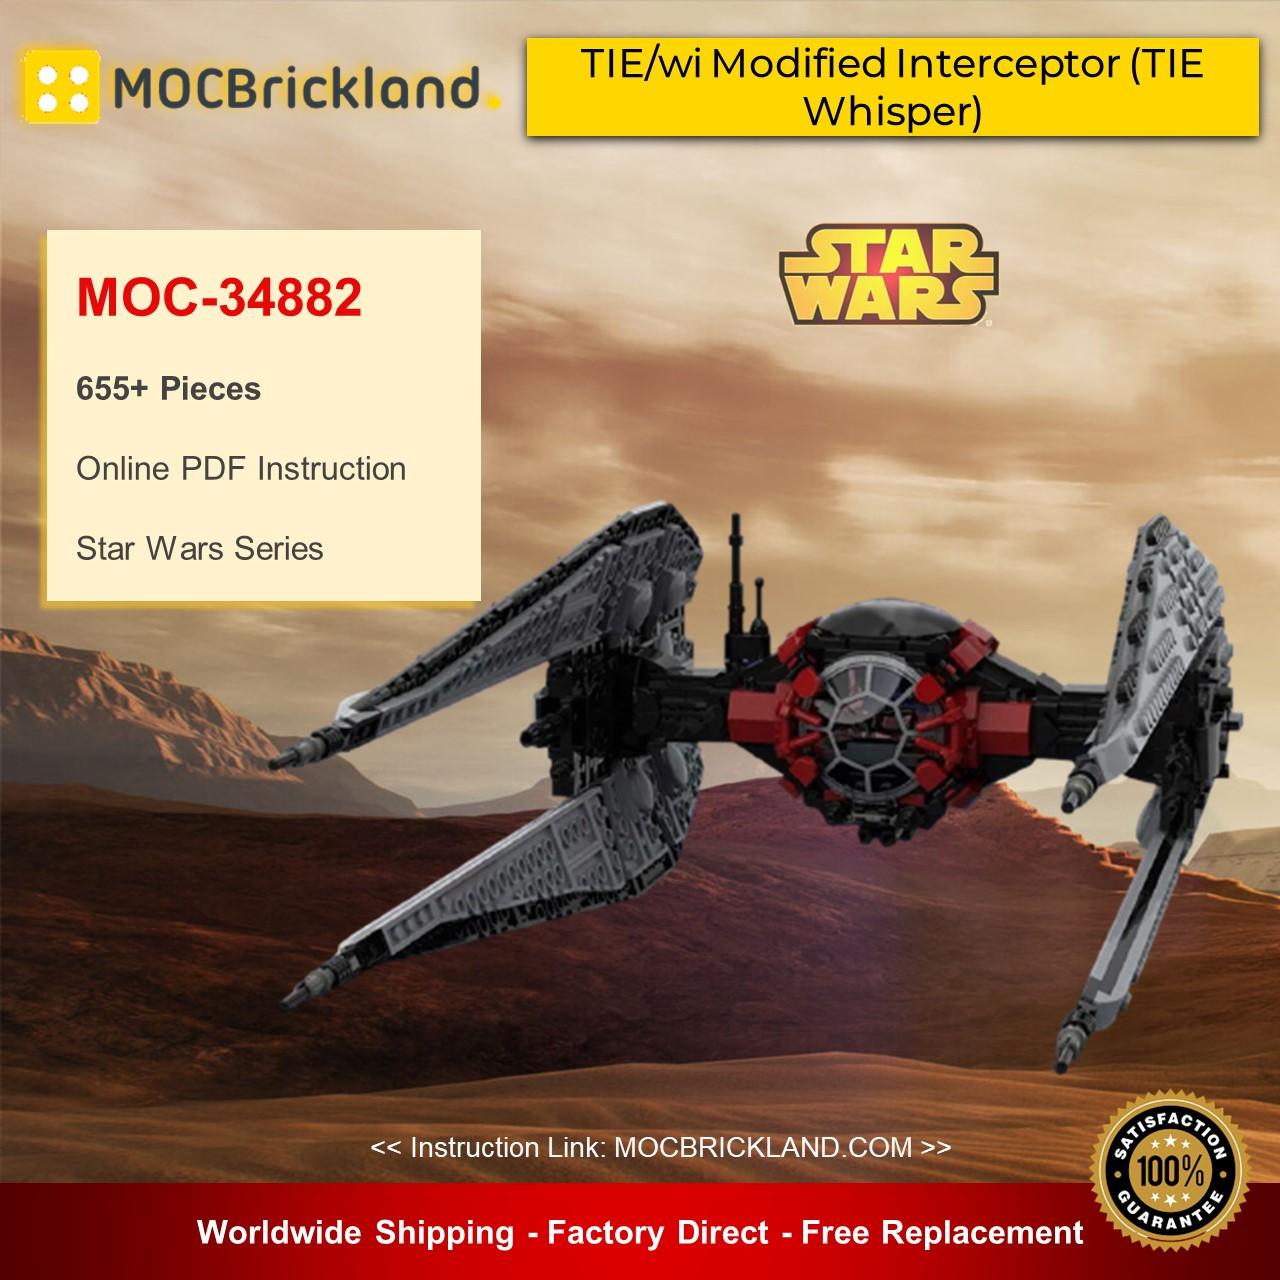 Star Wars MOC-34882 TIE/wi Modified Interceptor (TIE Whisper) By Kimnotyze MOCBRICKLAND